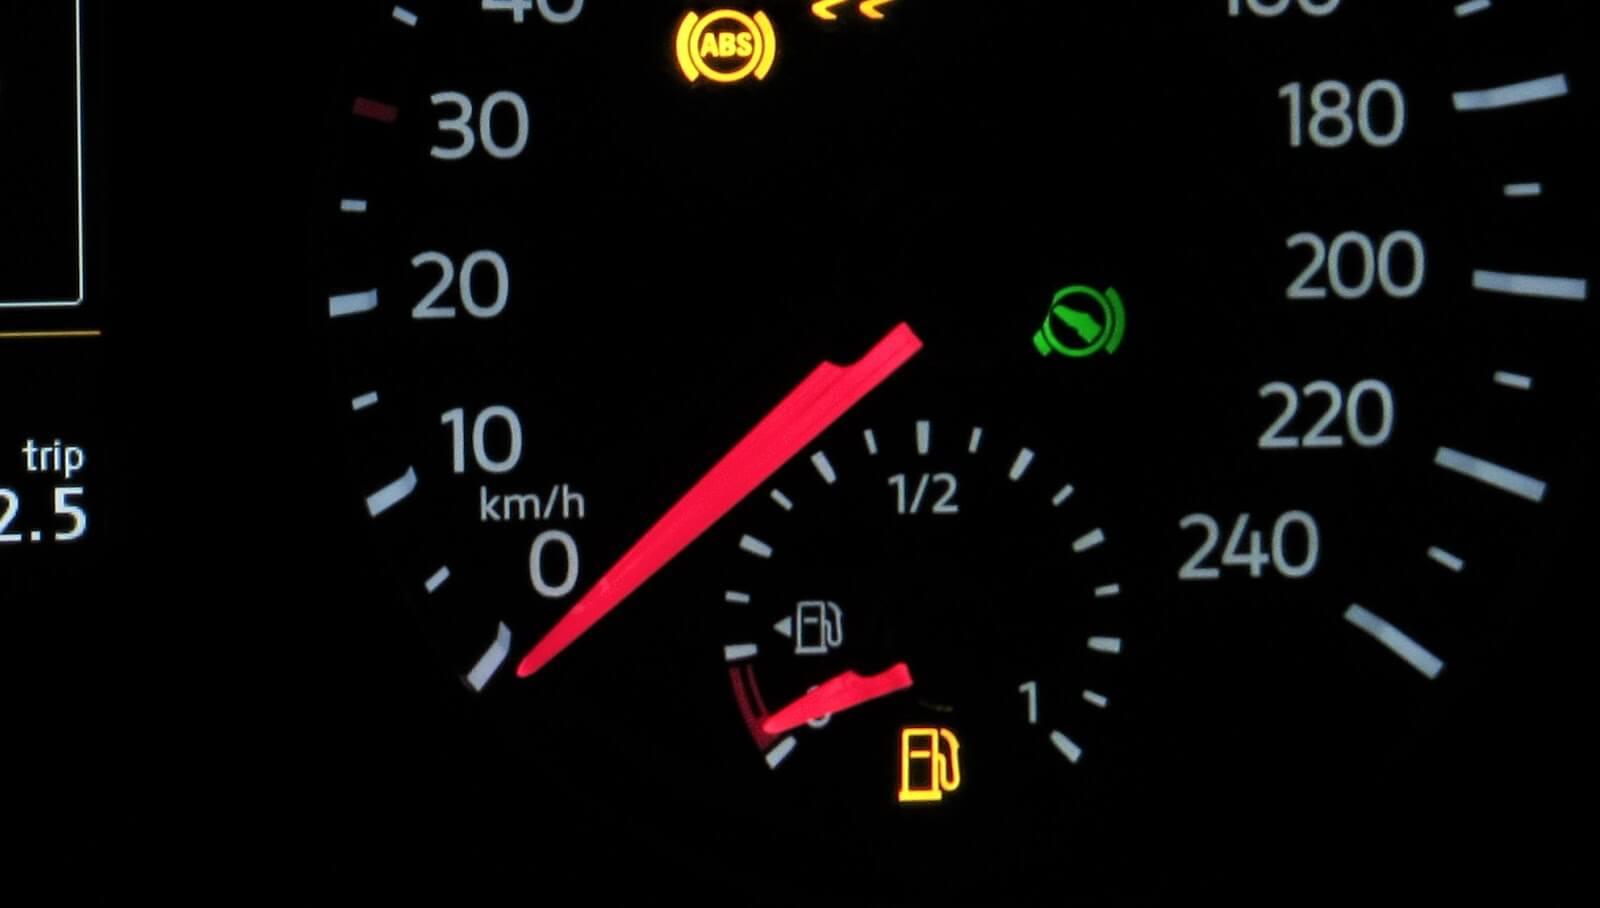 Andar com tanque na reserva pode trazer problemas para o seu carro